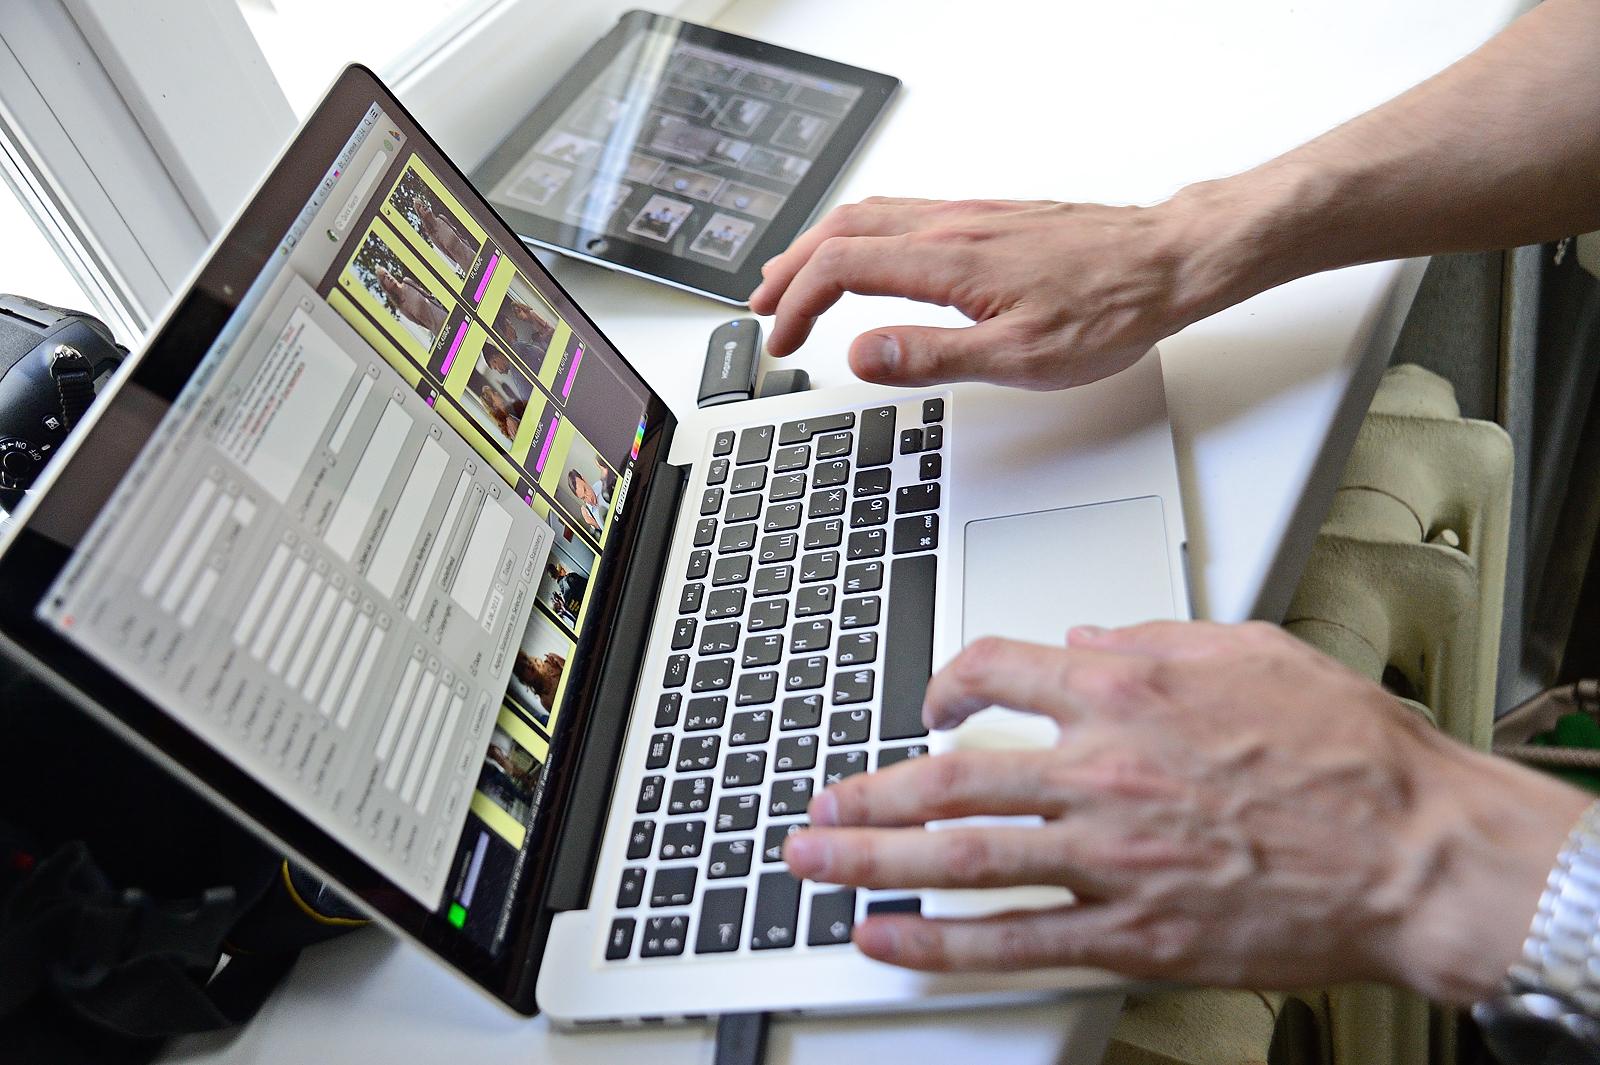 Минкомсвязи: хостинг-провайдер не должен отвечать за пиратский контент на сайтах